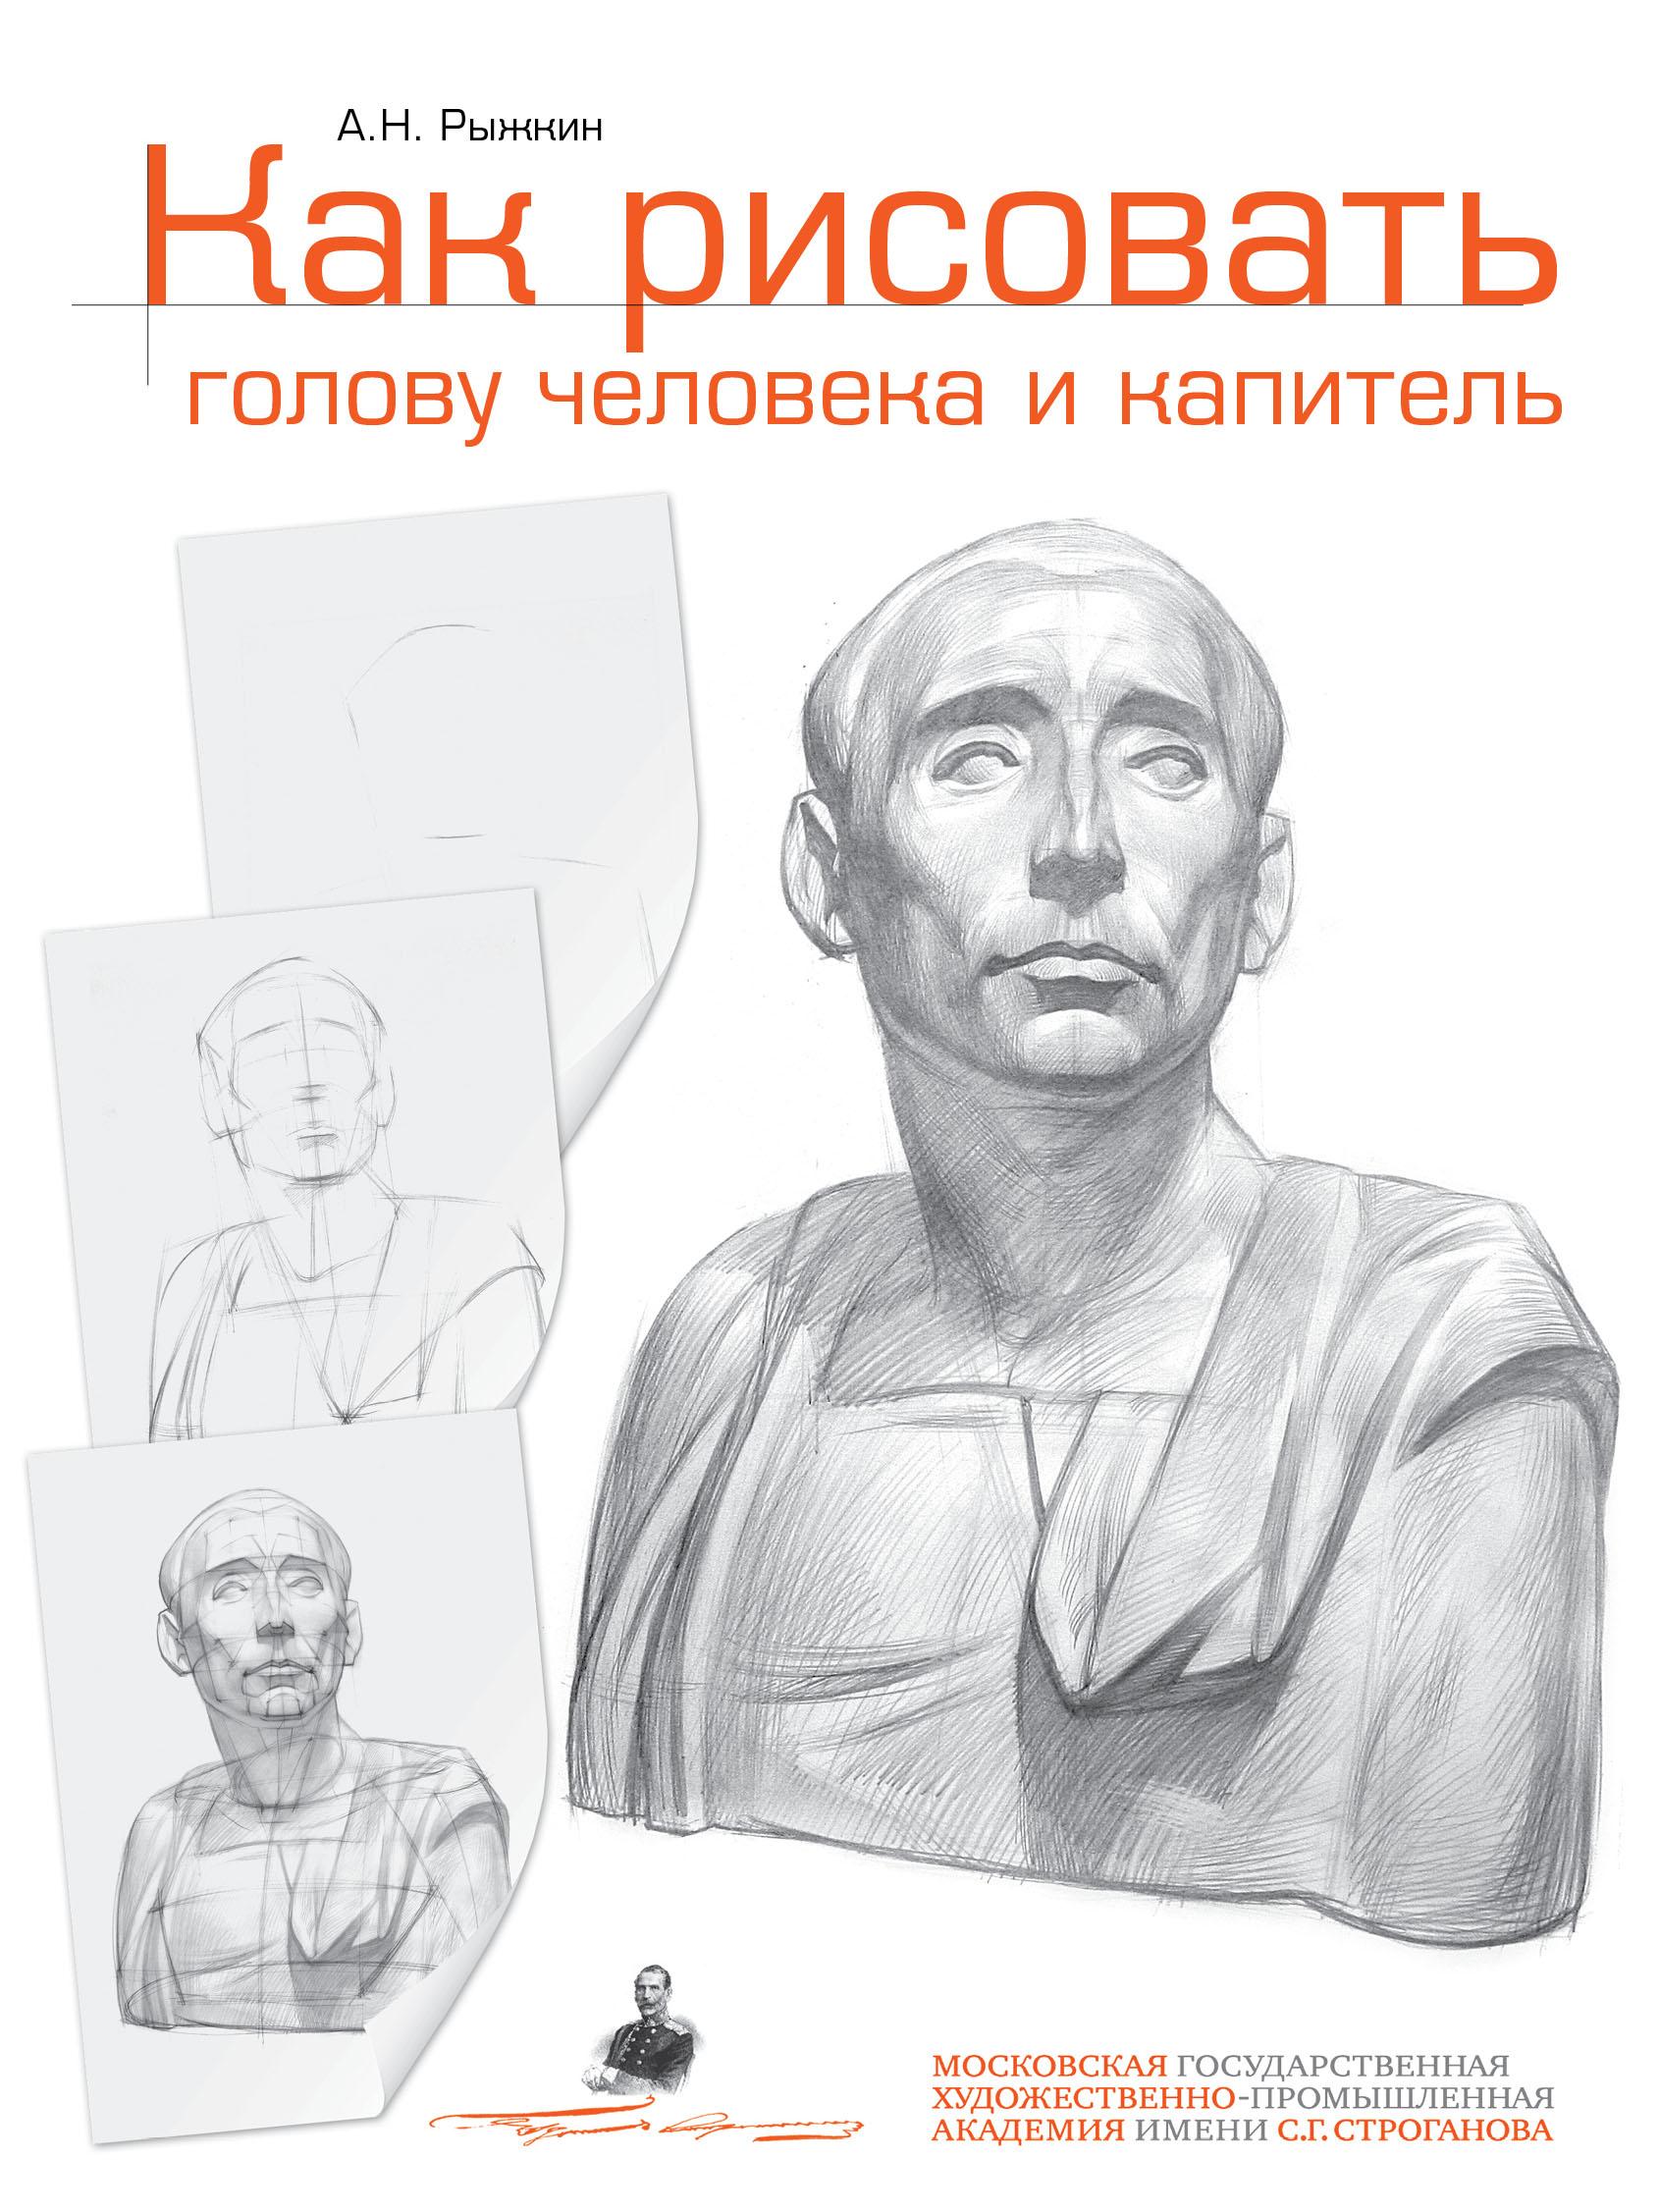 А. Н. Рыжкин Как рисовать голову человека и капитель. Пособие для поступающих в художественные вузы kislis 4914а